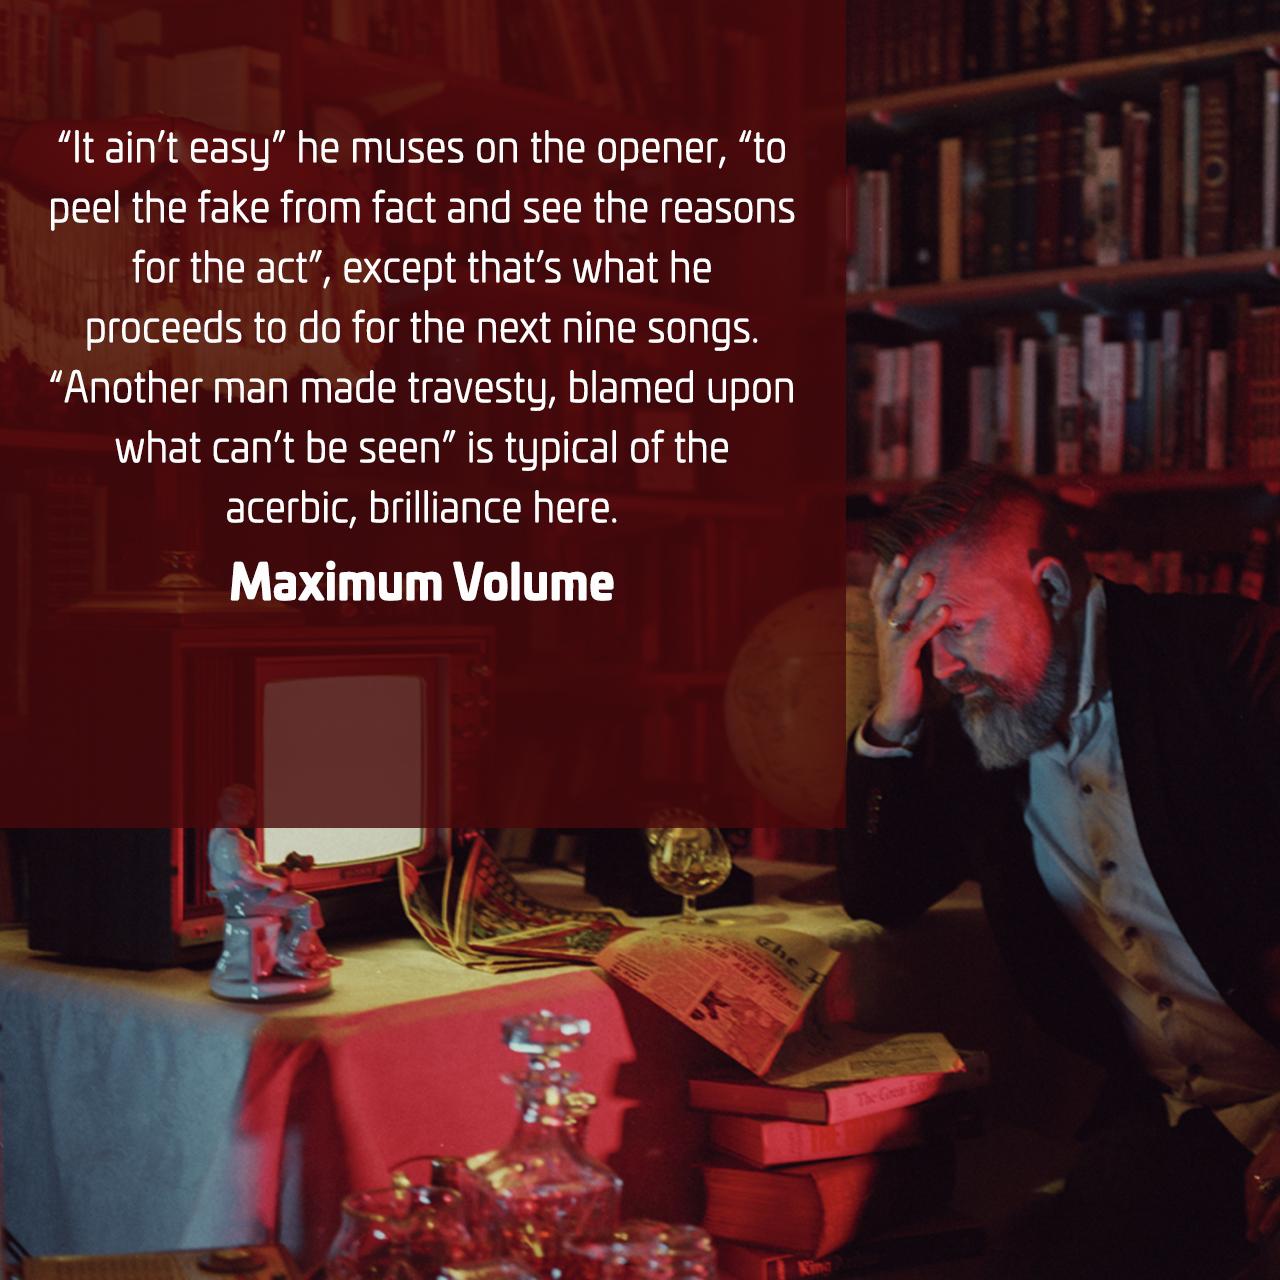 Max-Volume-Quote